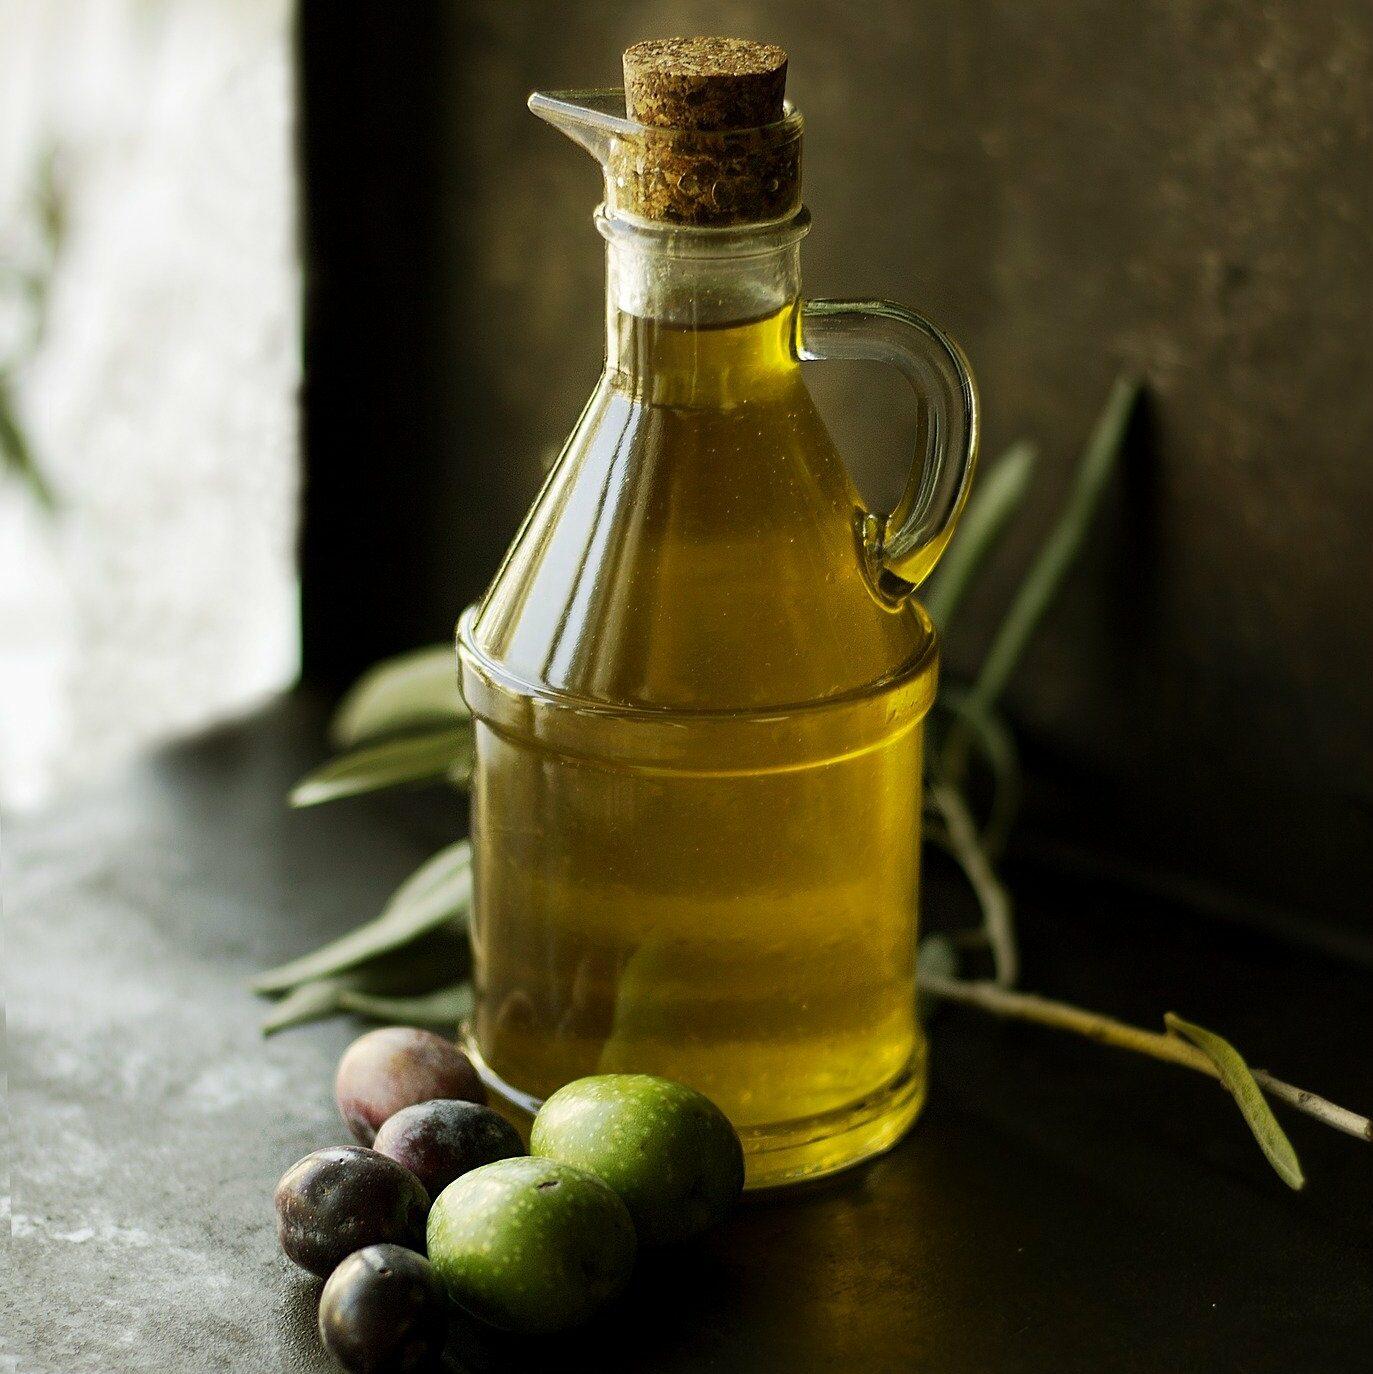 Aceite de oliva en recipiente